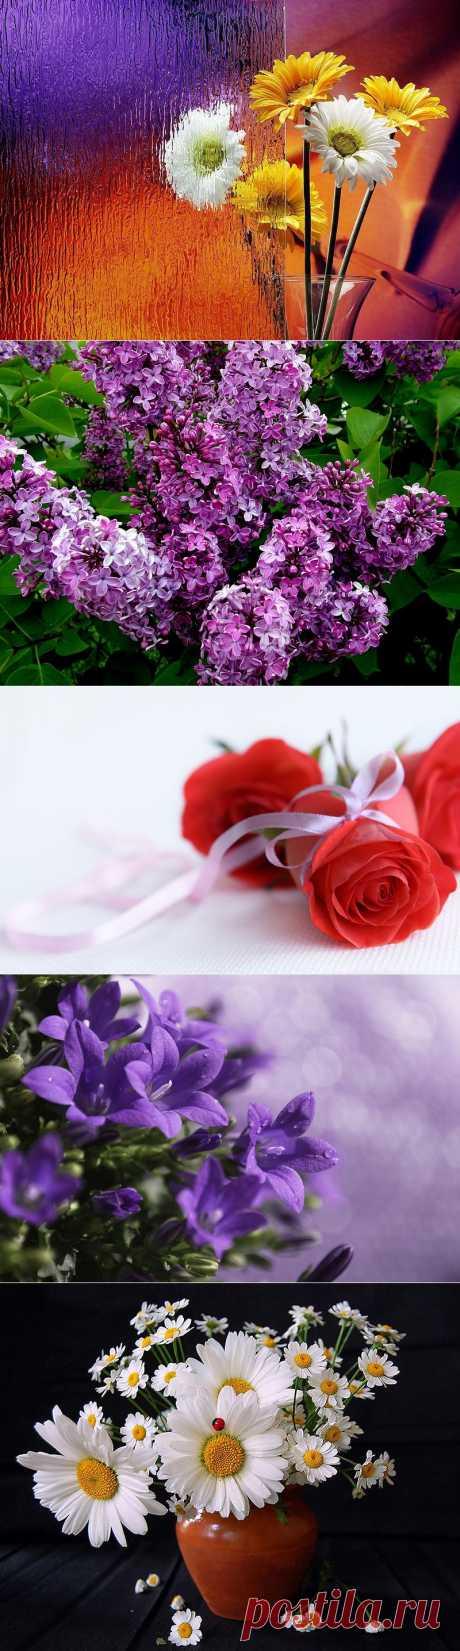 Потрясающе красивые обои на рабочий стол-Цветы.